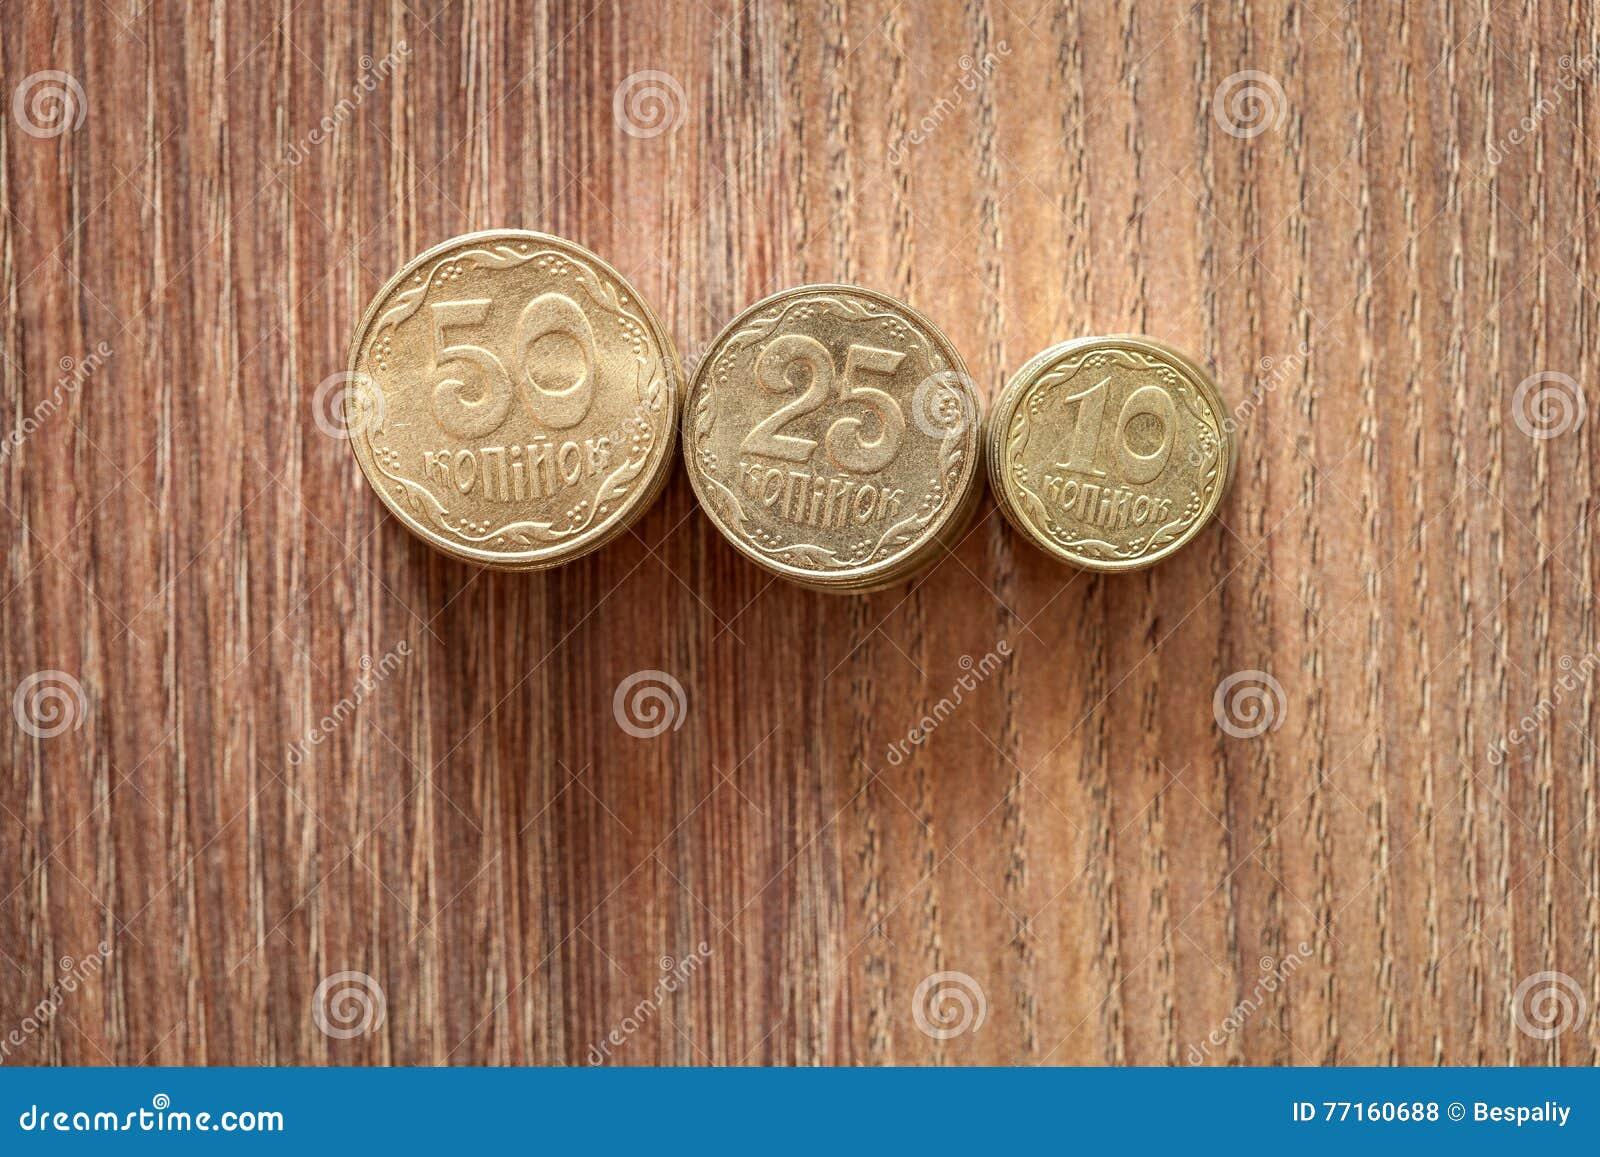 Kopeks la devise ukrainienne